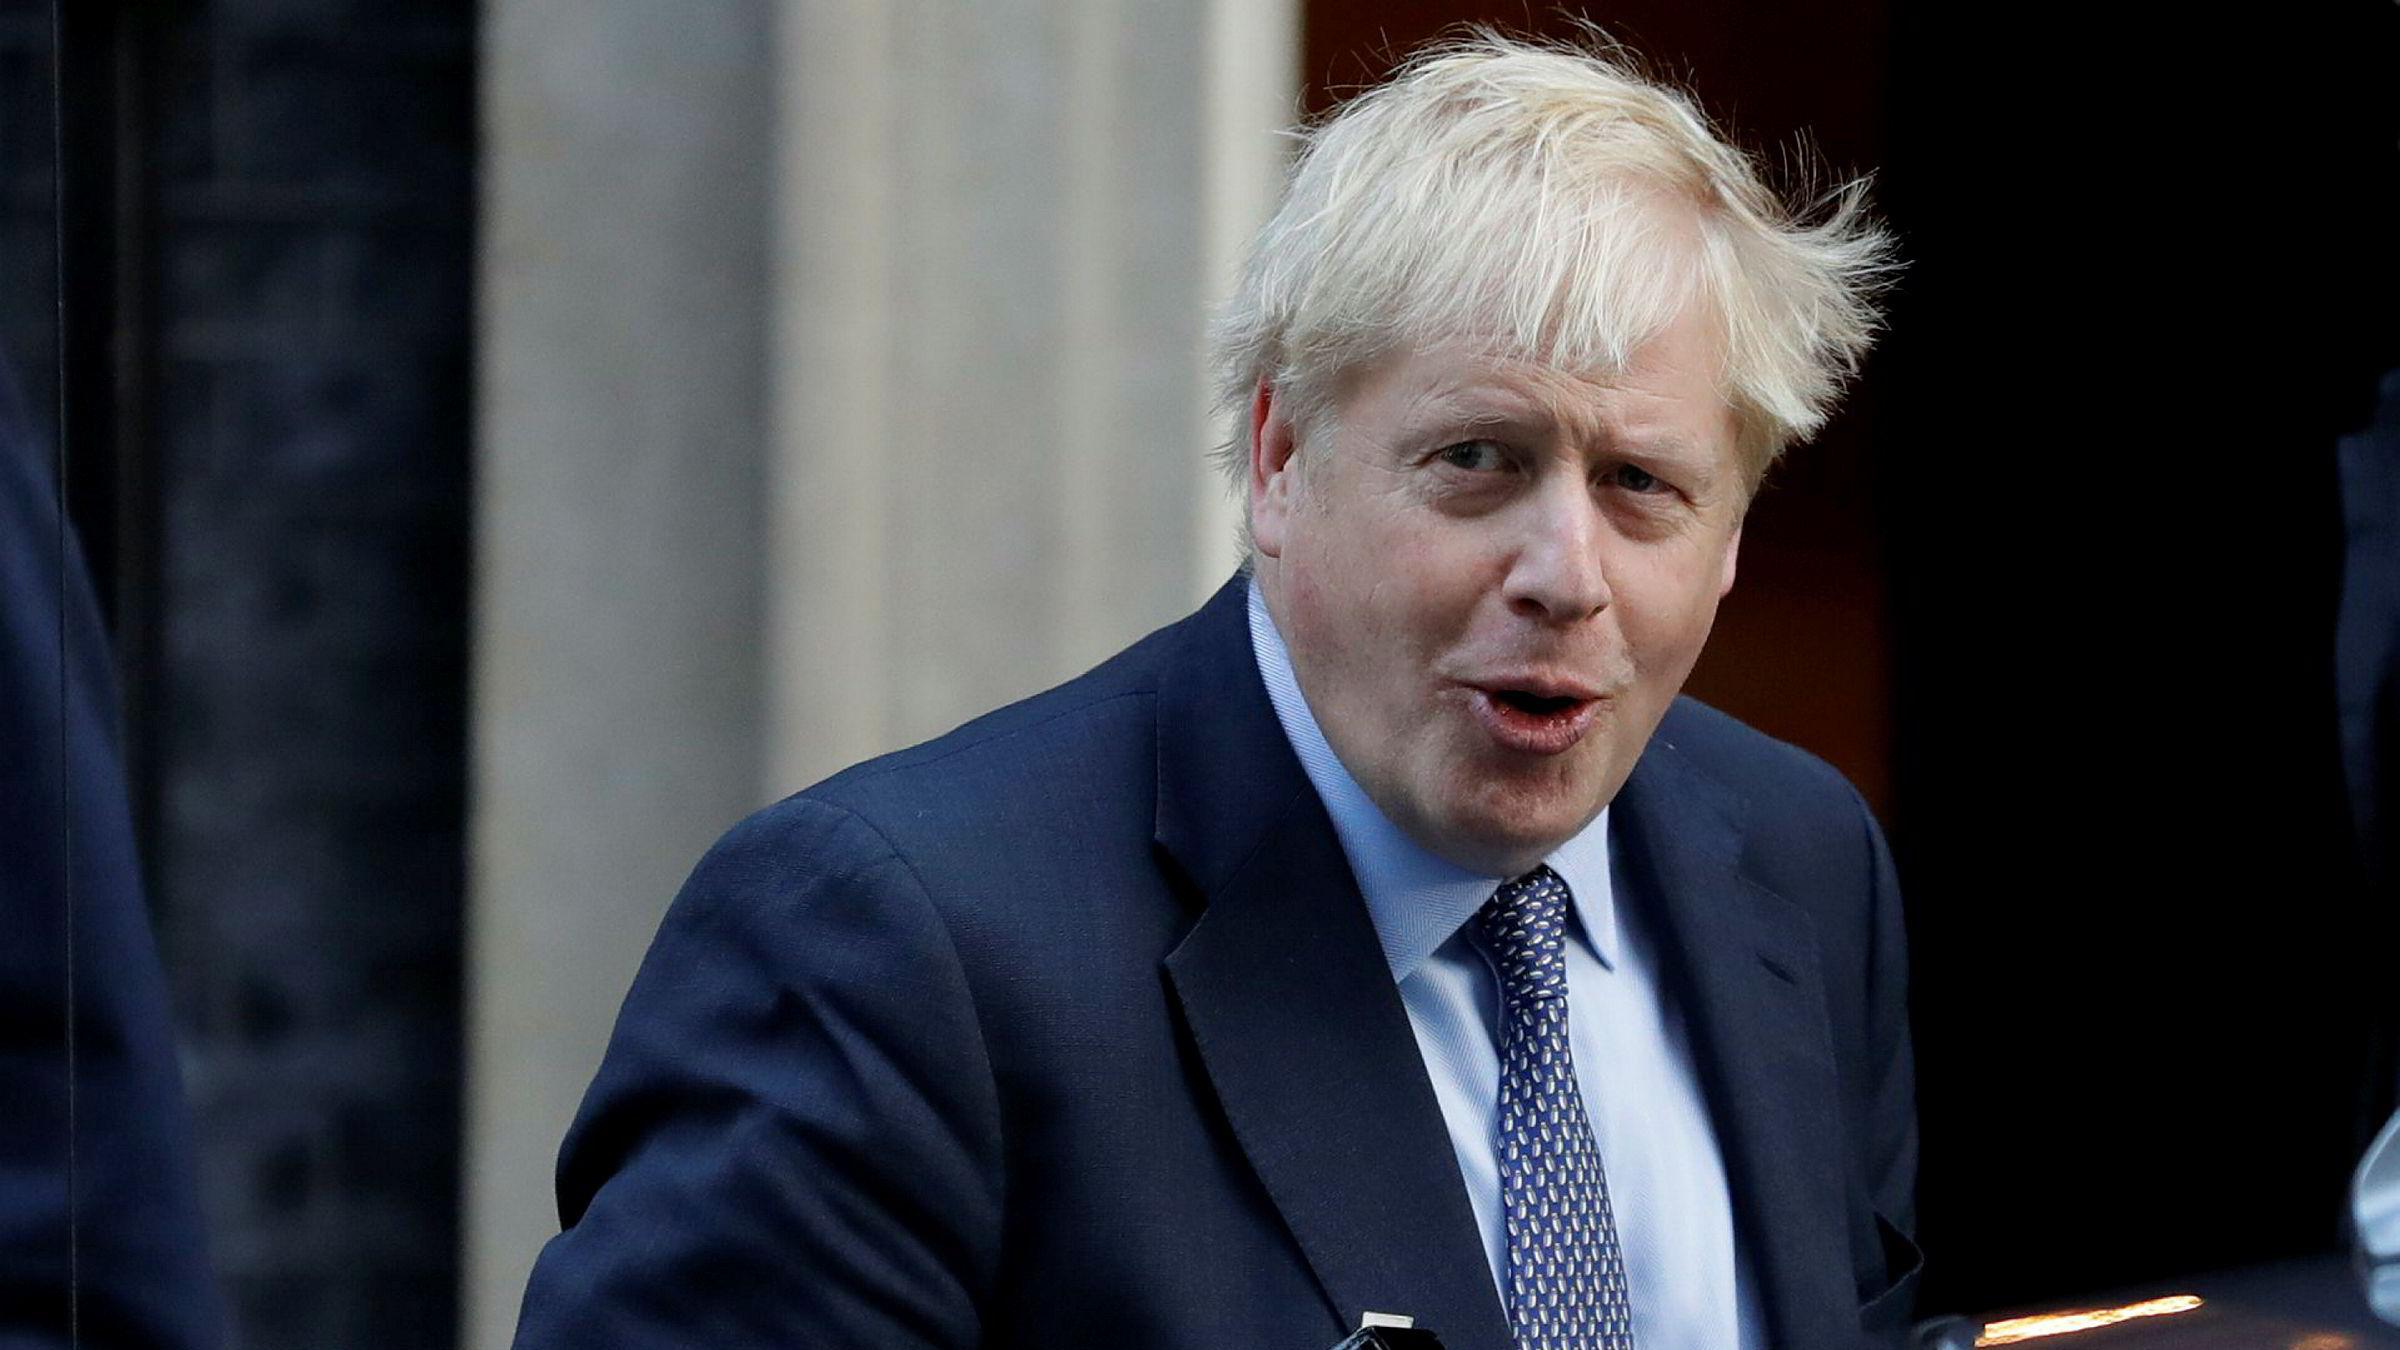 Storbritannias statsminister Boris Johnson har tro på at det er mulig å forlate EU 31. oktober. Mandag kan det komme en ny sjanse i Parlamentet for å få den reviderte brexitavtalen godkjent.